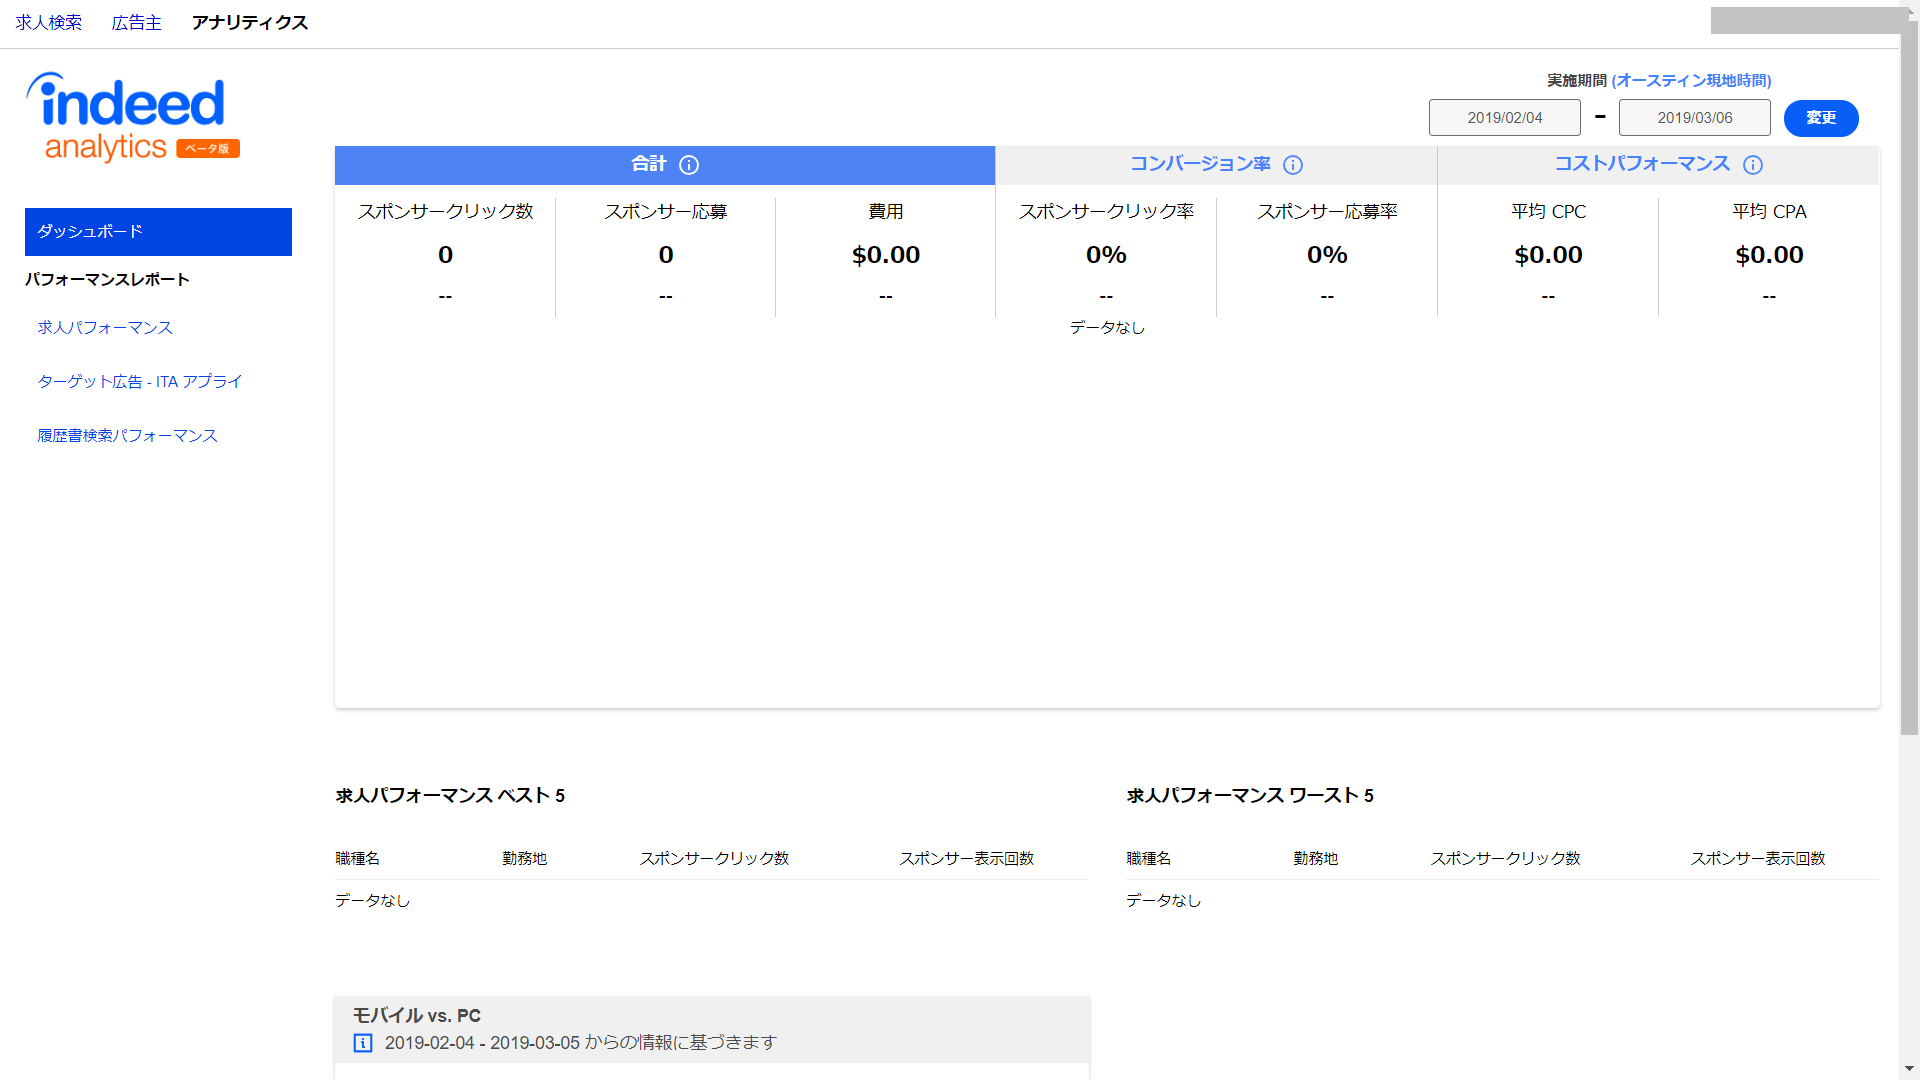 3761188610 求人検索サイト「Indeed」の使い方を解説【人事初心者向け】   HRマガジン